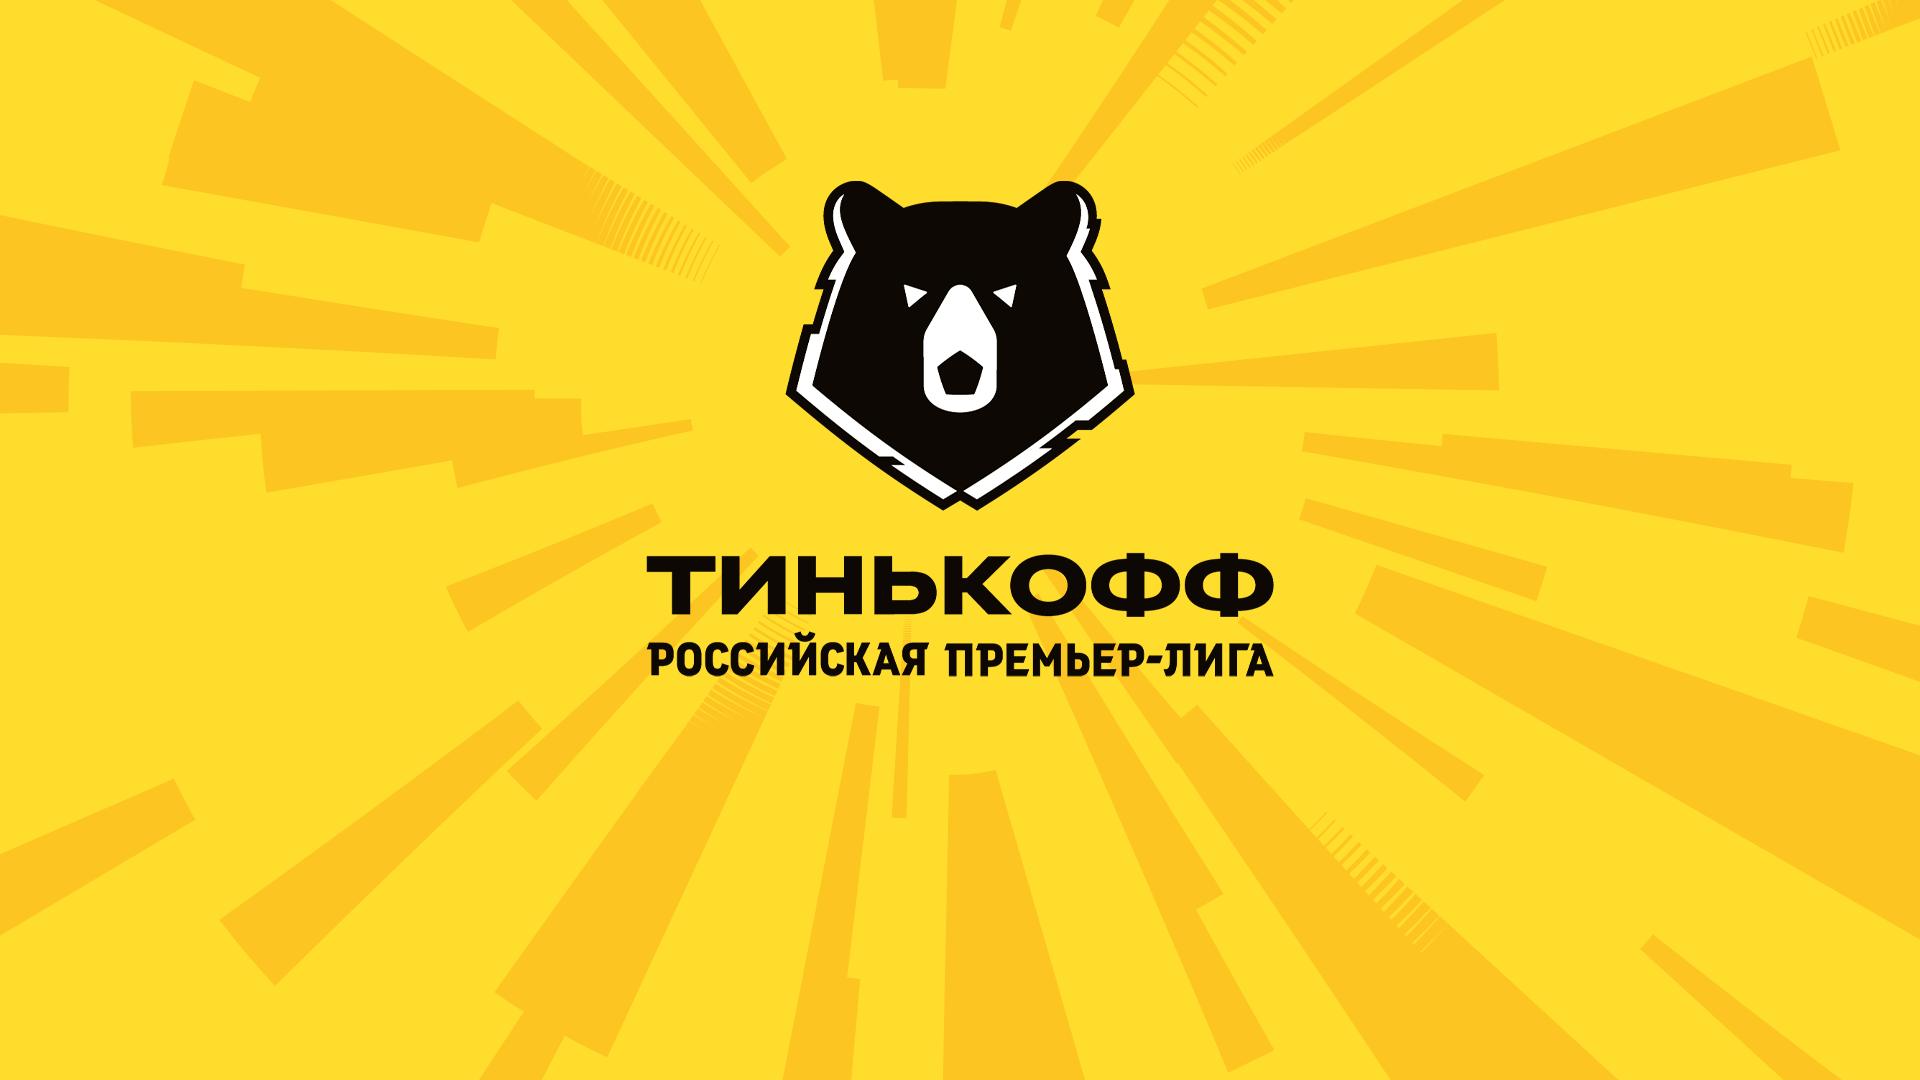 Тинькофф — титульный партнёр Российской Премьер-Лиги